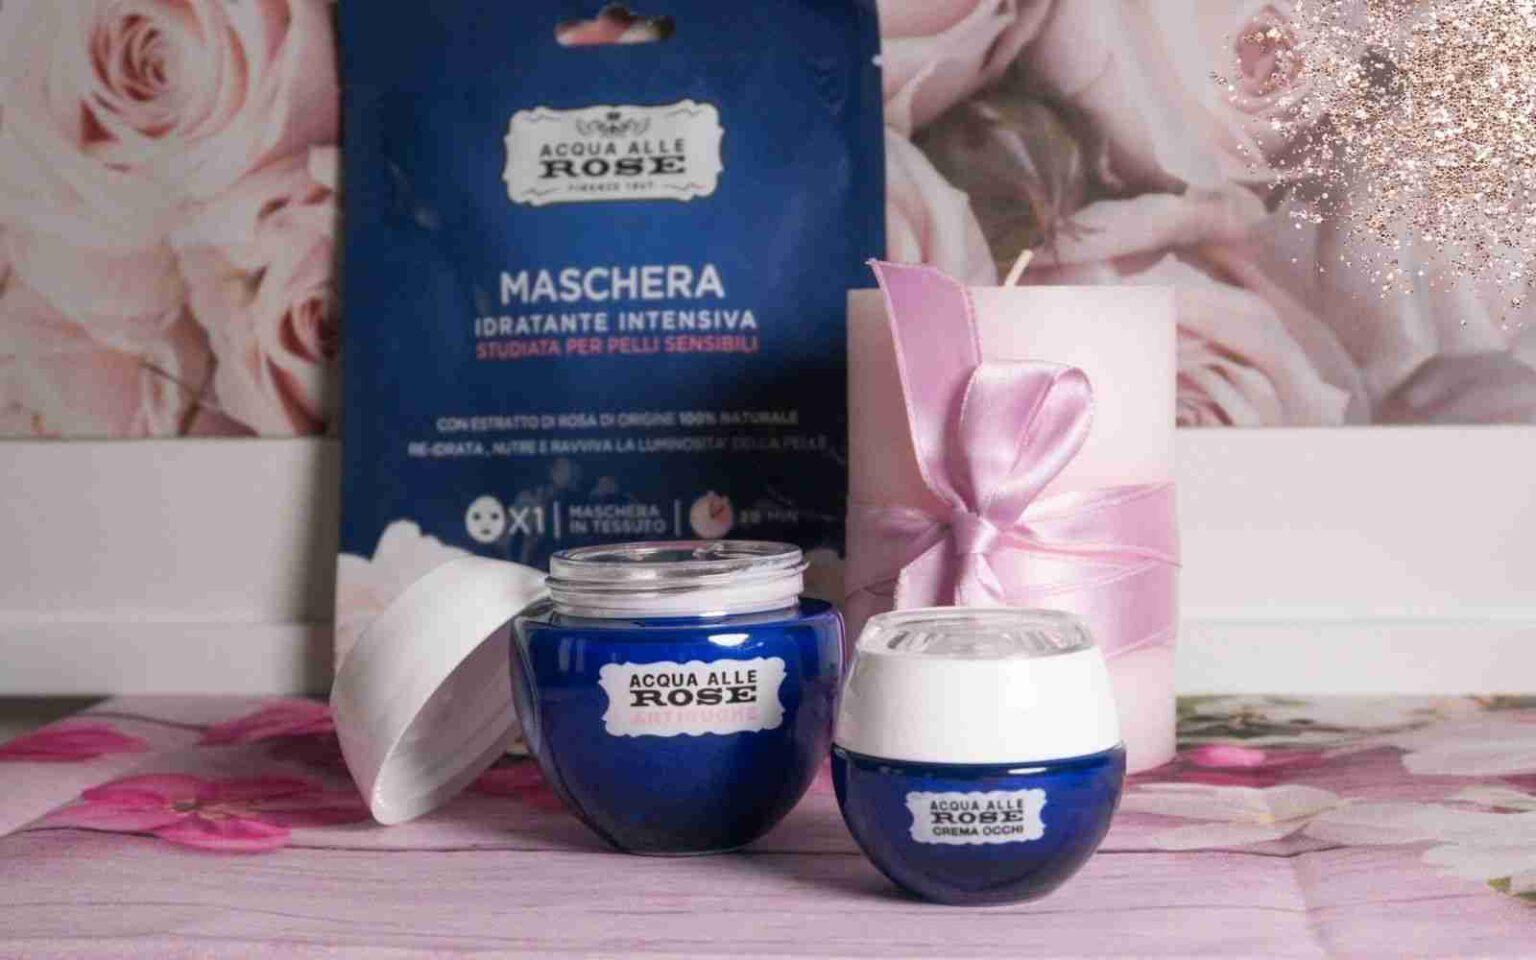 Acqua alle Rose: SkinCare Routine Sensitive